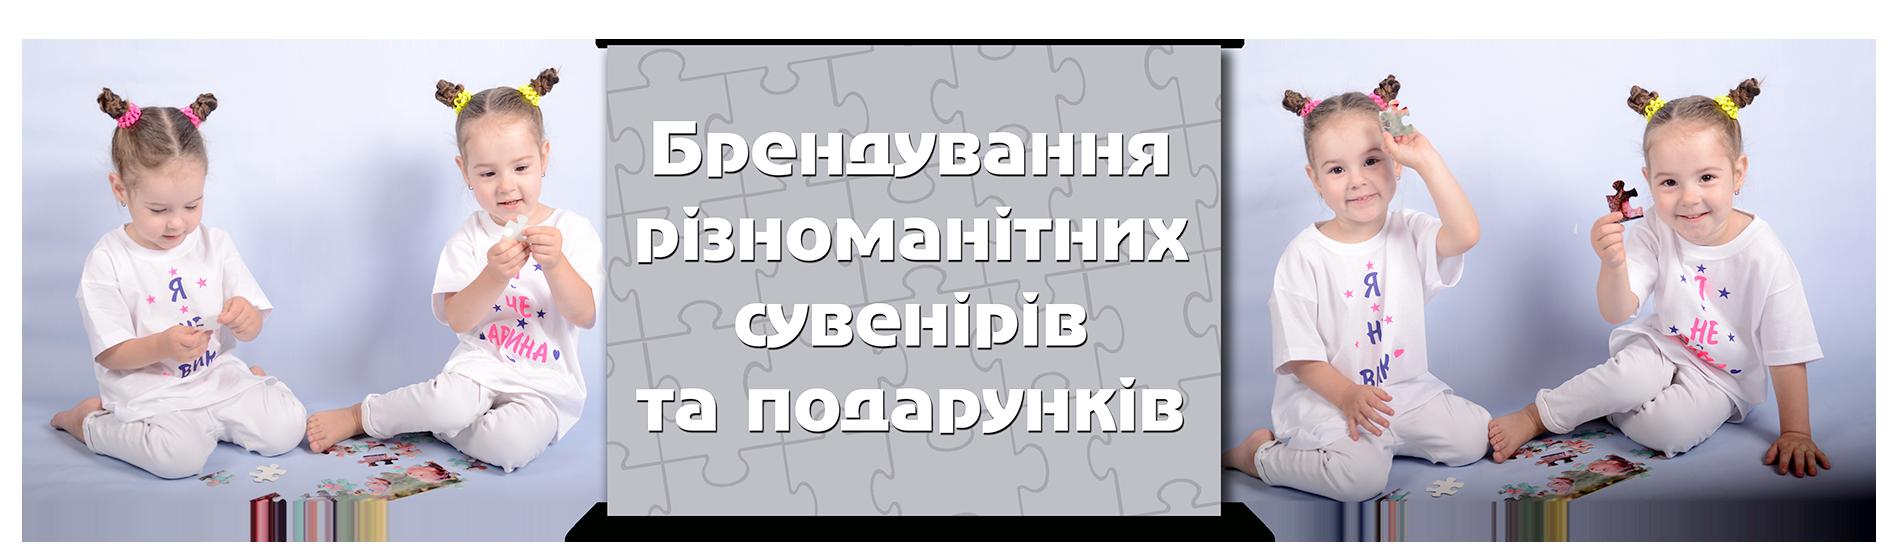 photovsesvit-karusel-zobraj-04